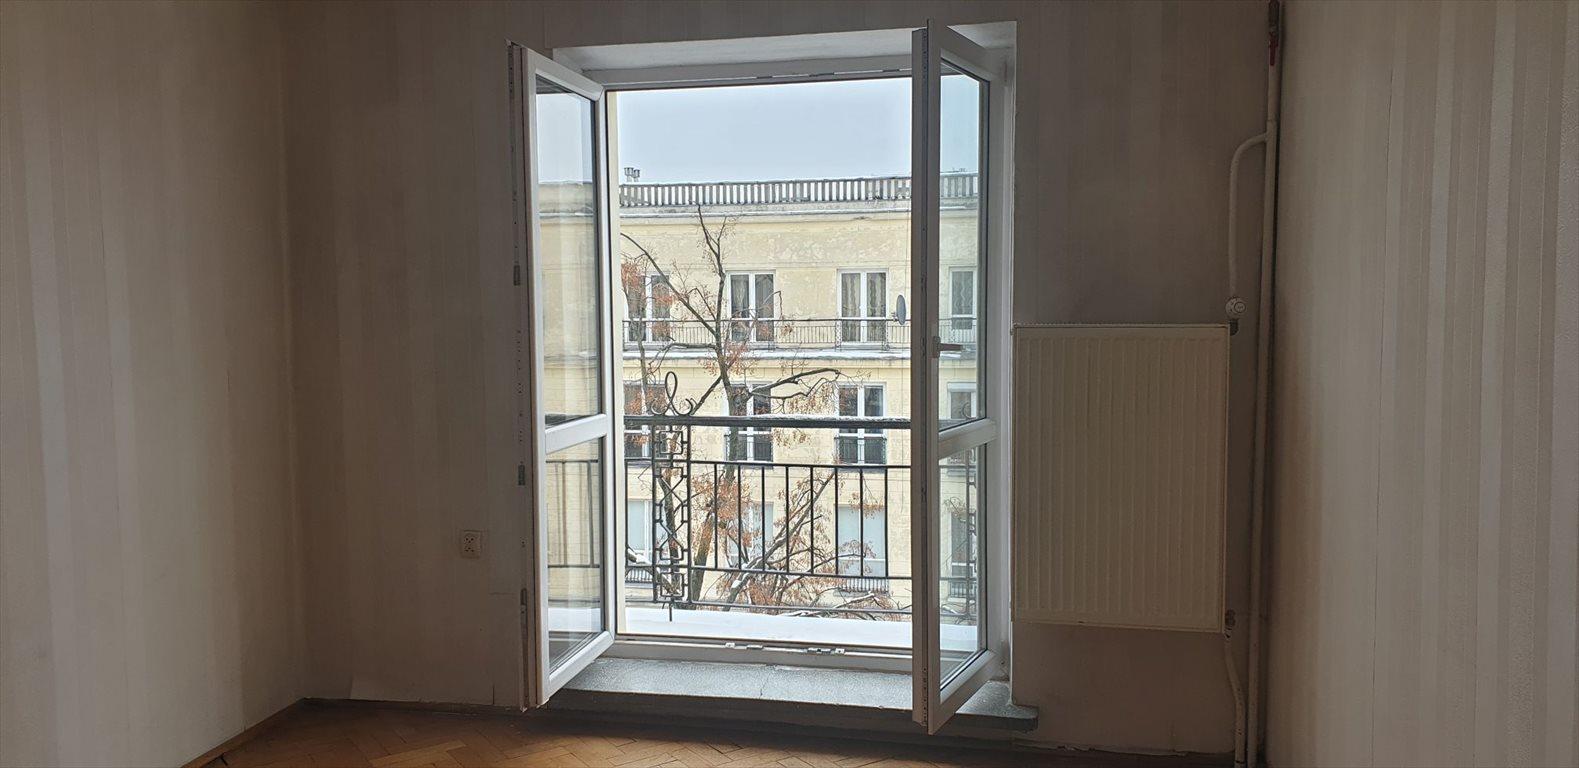 Mieszkanie trzypokojowe na sprzedaż Warszawa, Śródmieście, Warecka/ Nowy Świat  64m2 Foto 1